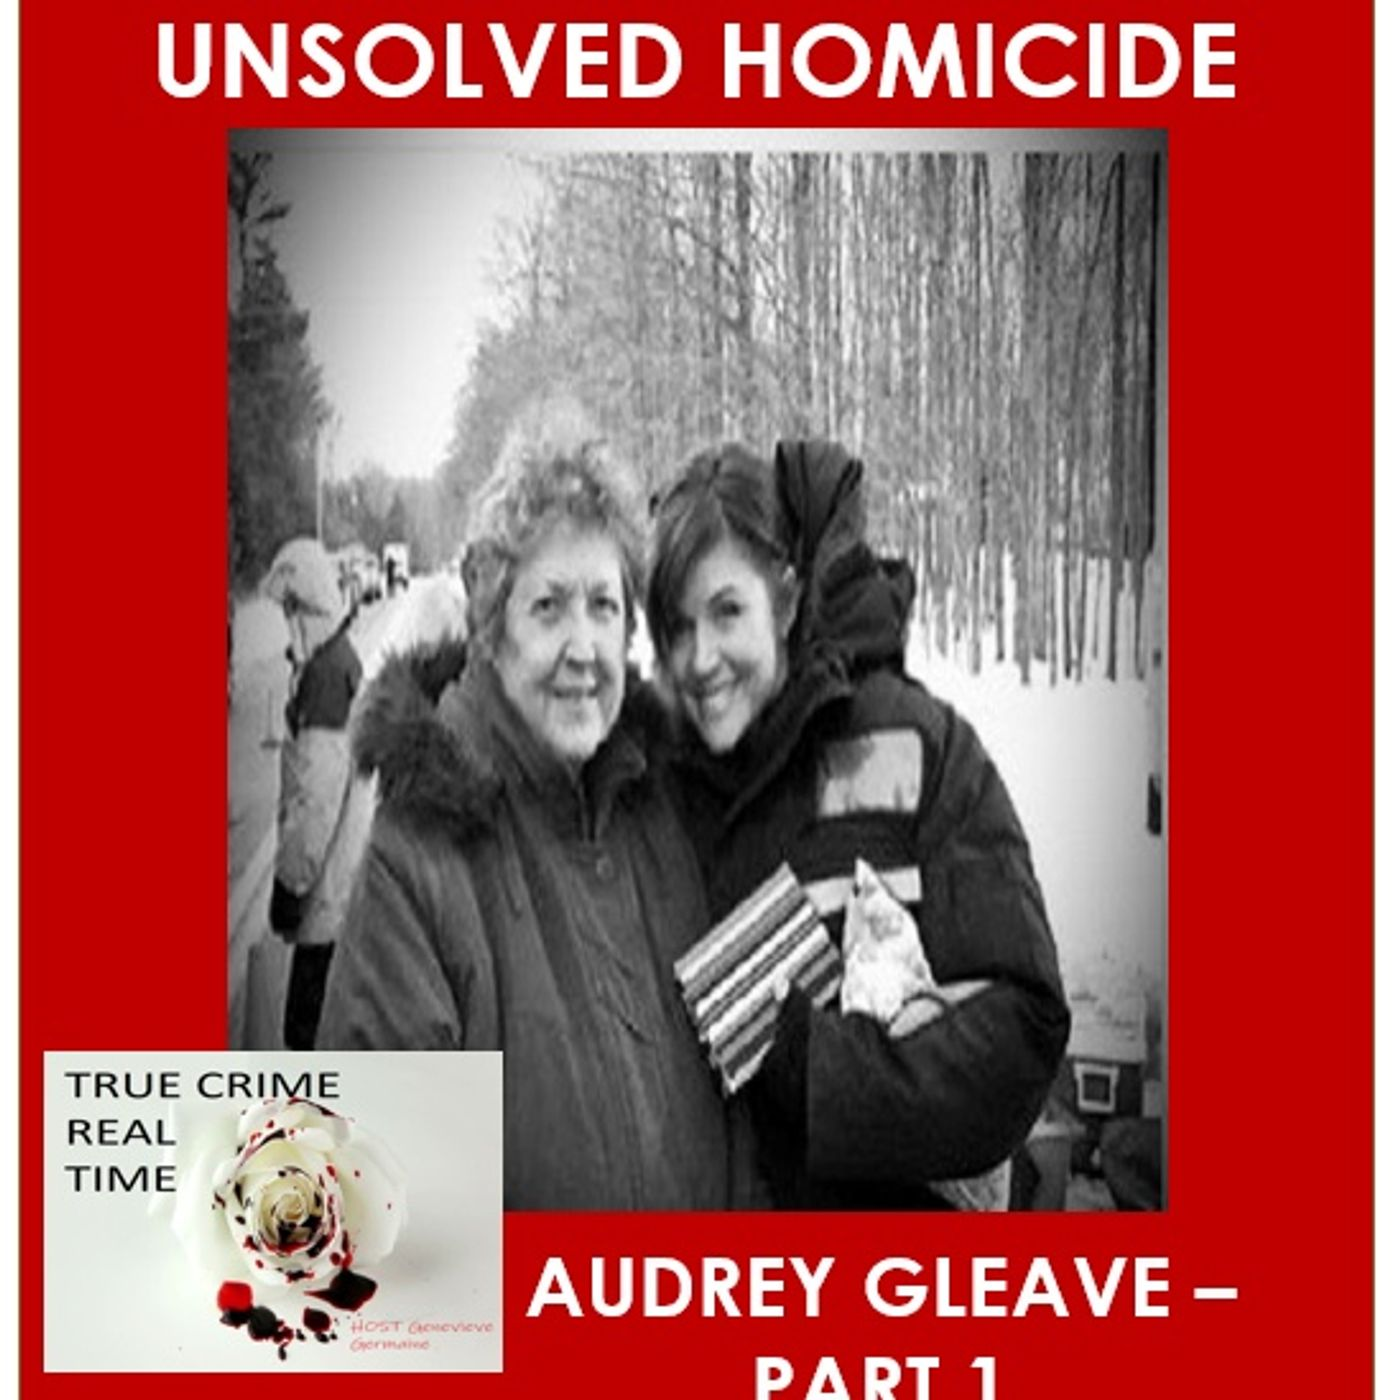 #6 - Murdered - Audrey Gleave - Part 1